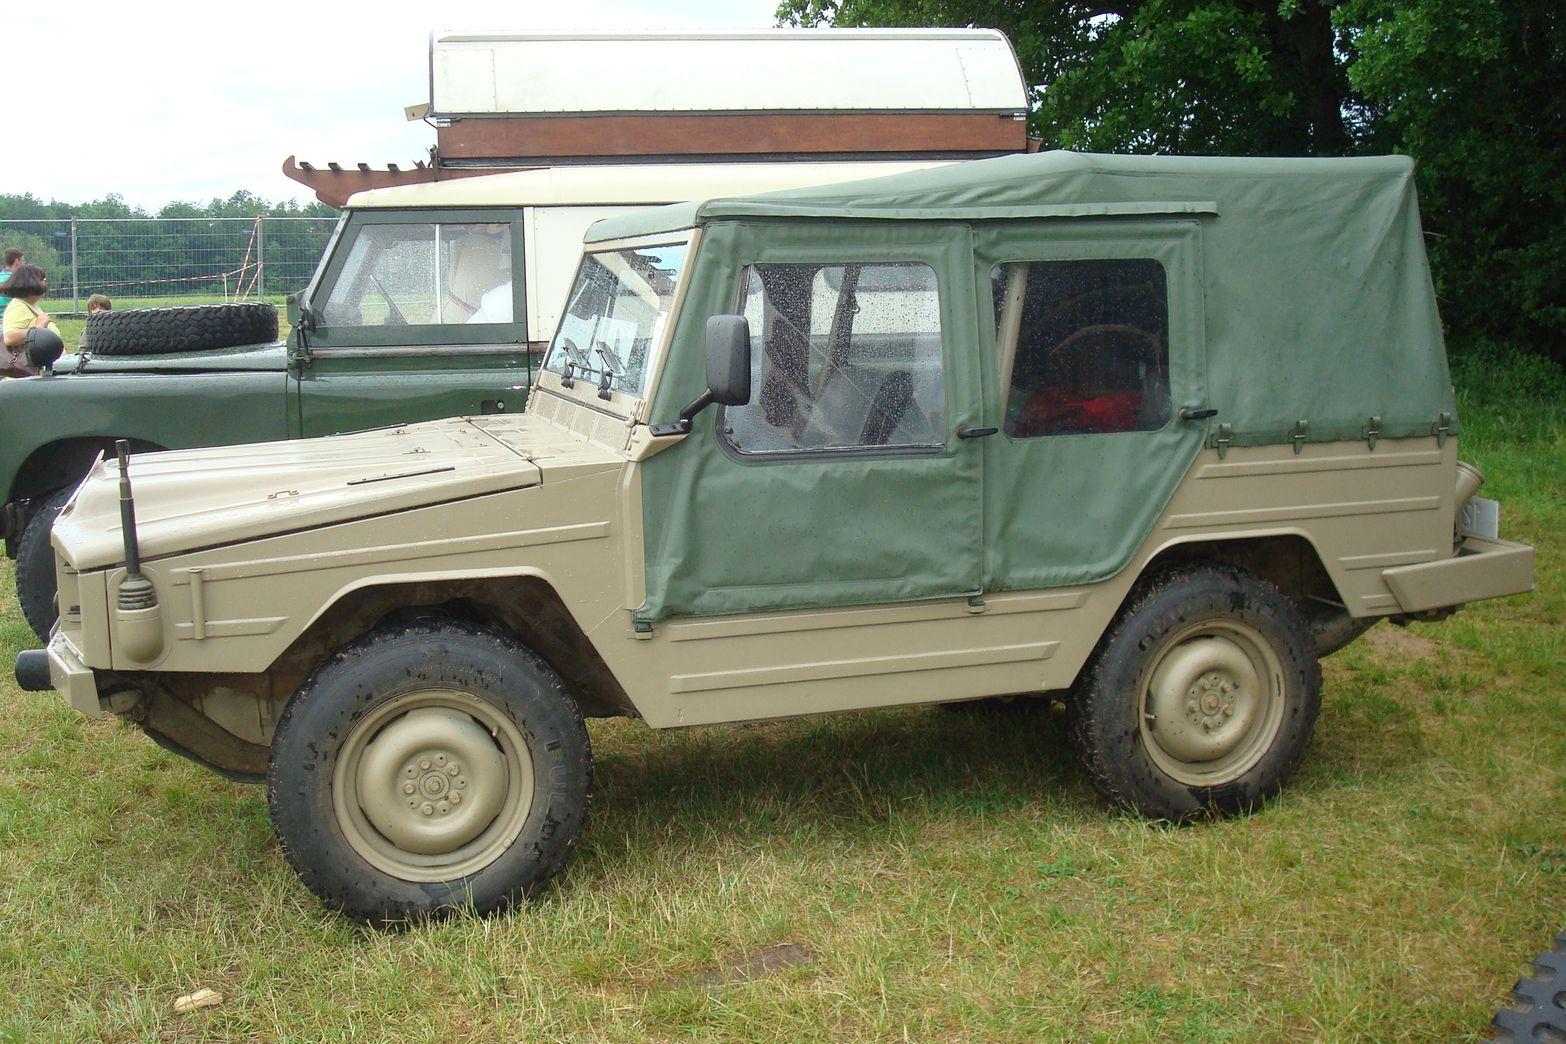 vehicule militaire a vendre petites annonces vehicule militaire a vendre vehicule militaire a. Black Bedroom Furniture Sets. Home Design Ideas